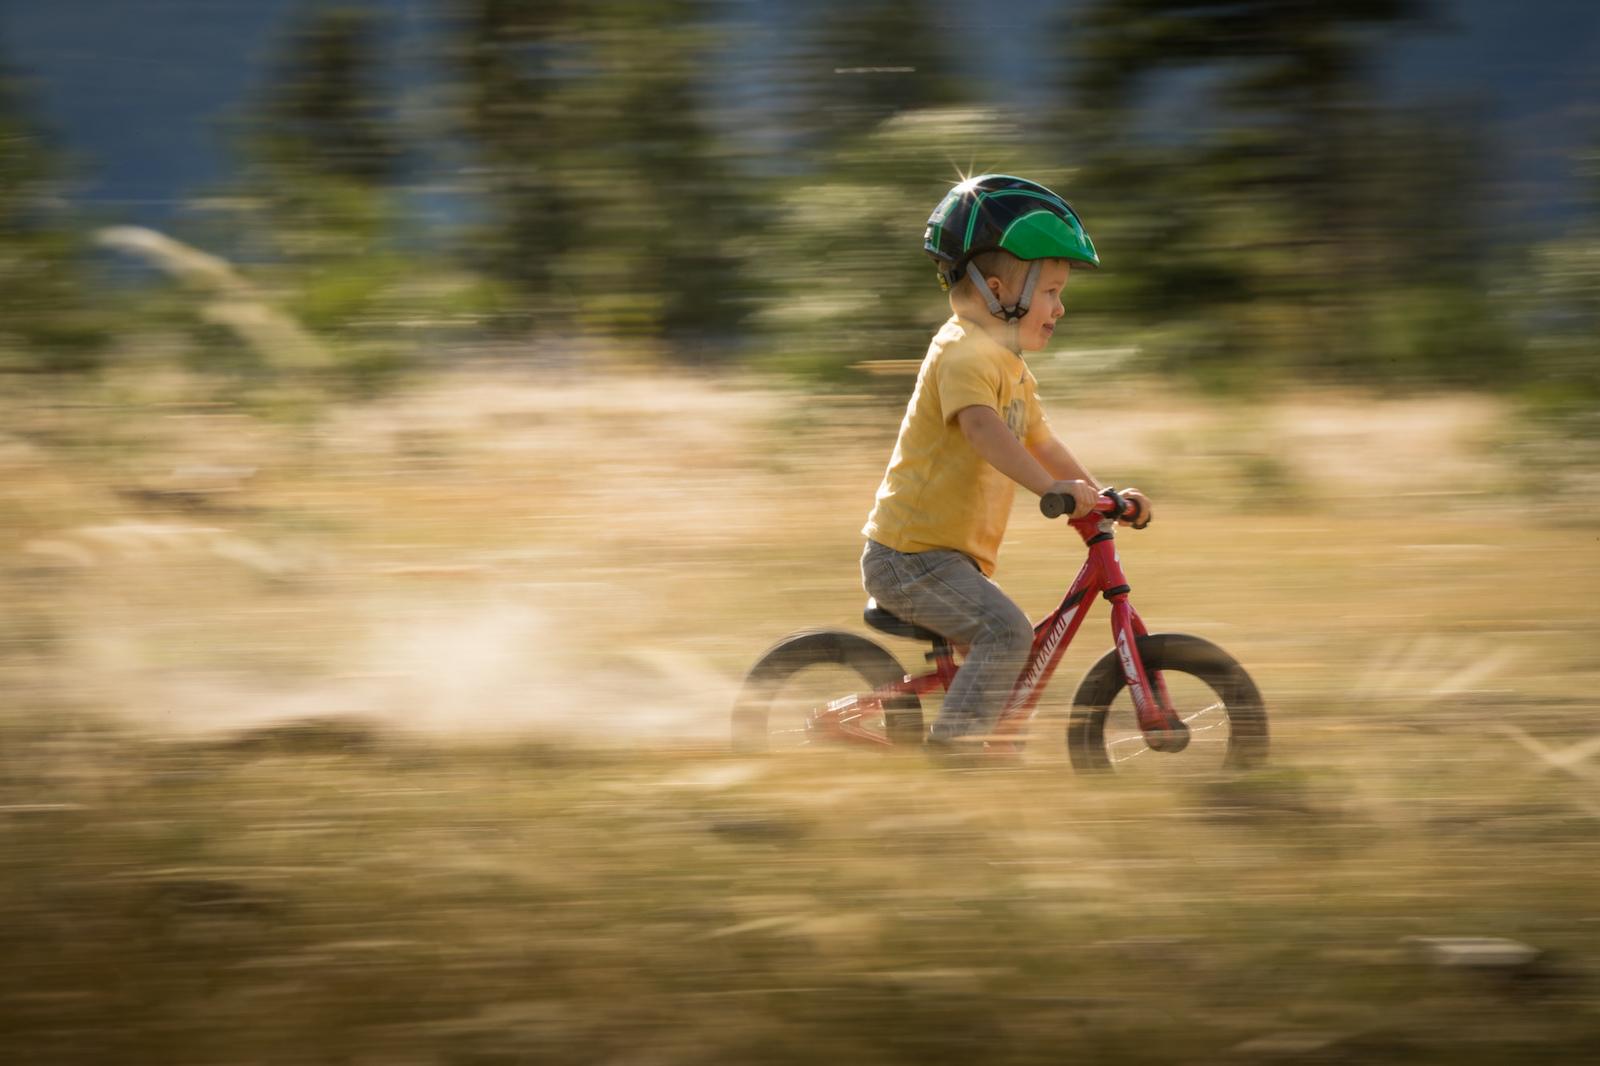 ¿Cómo elegir una bici para niños? ¿Qué hay que tener en cuenta?